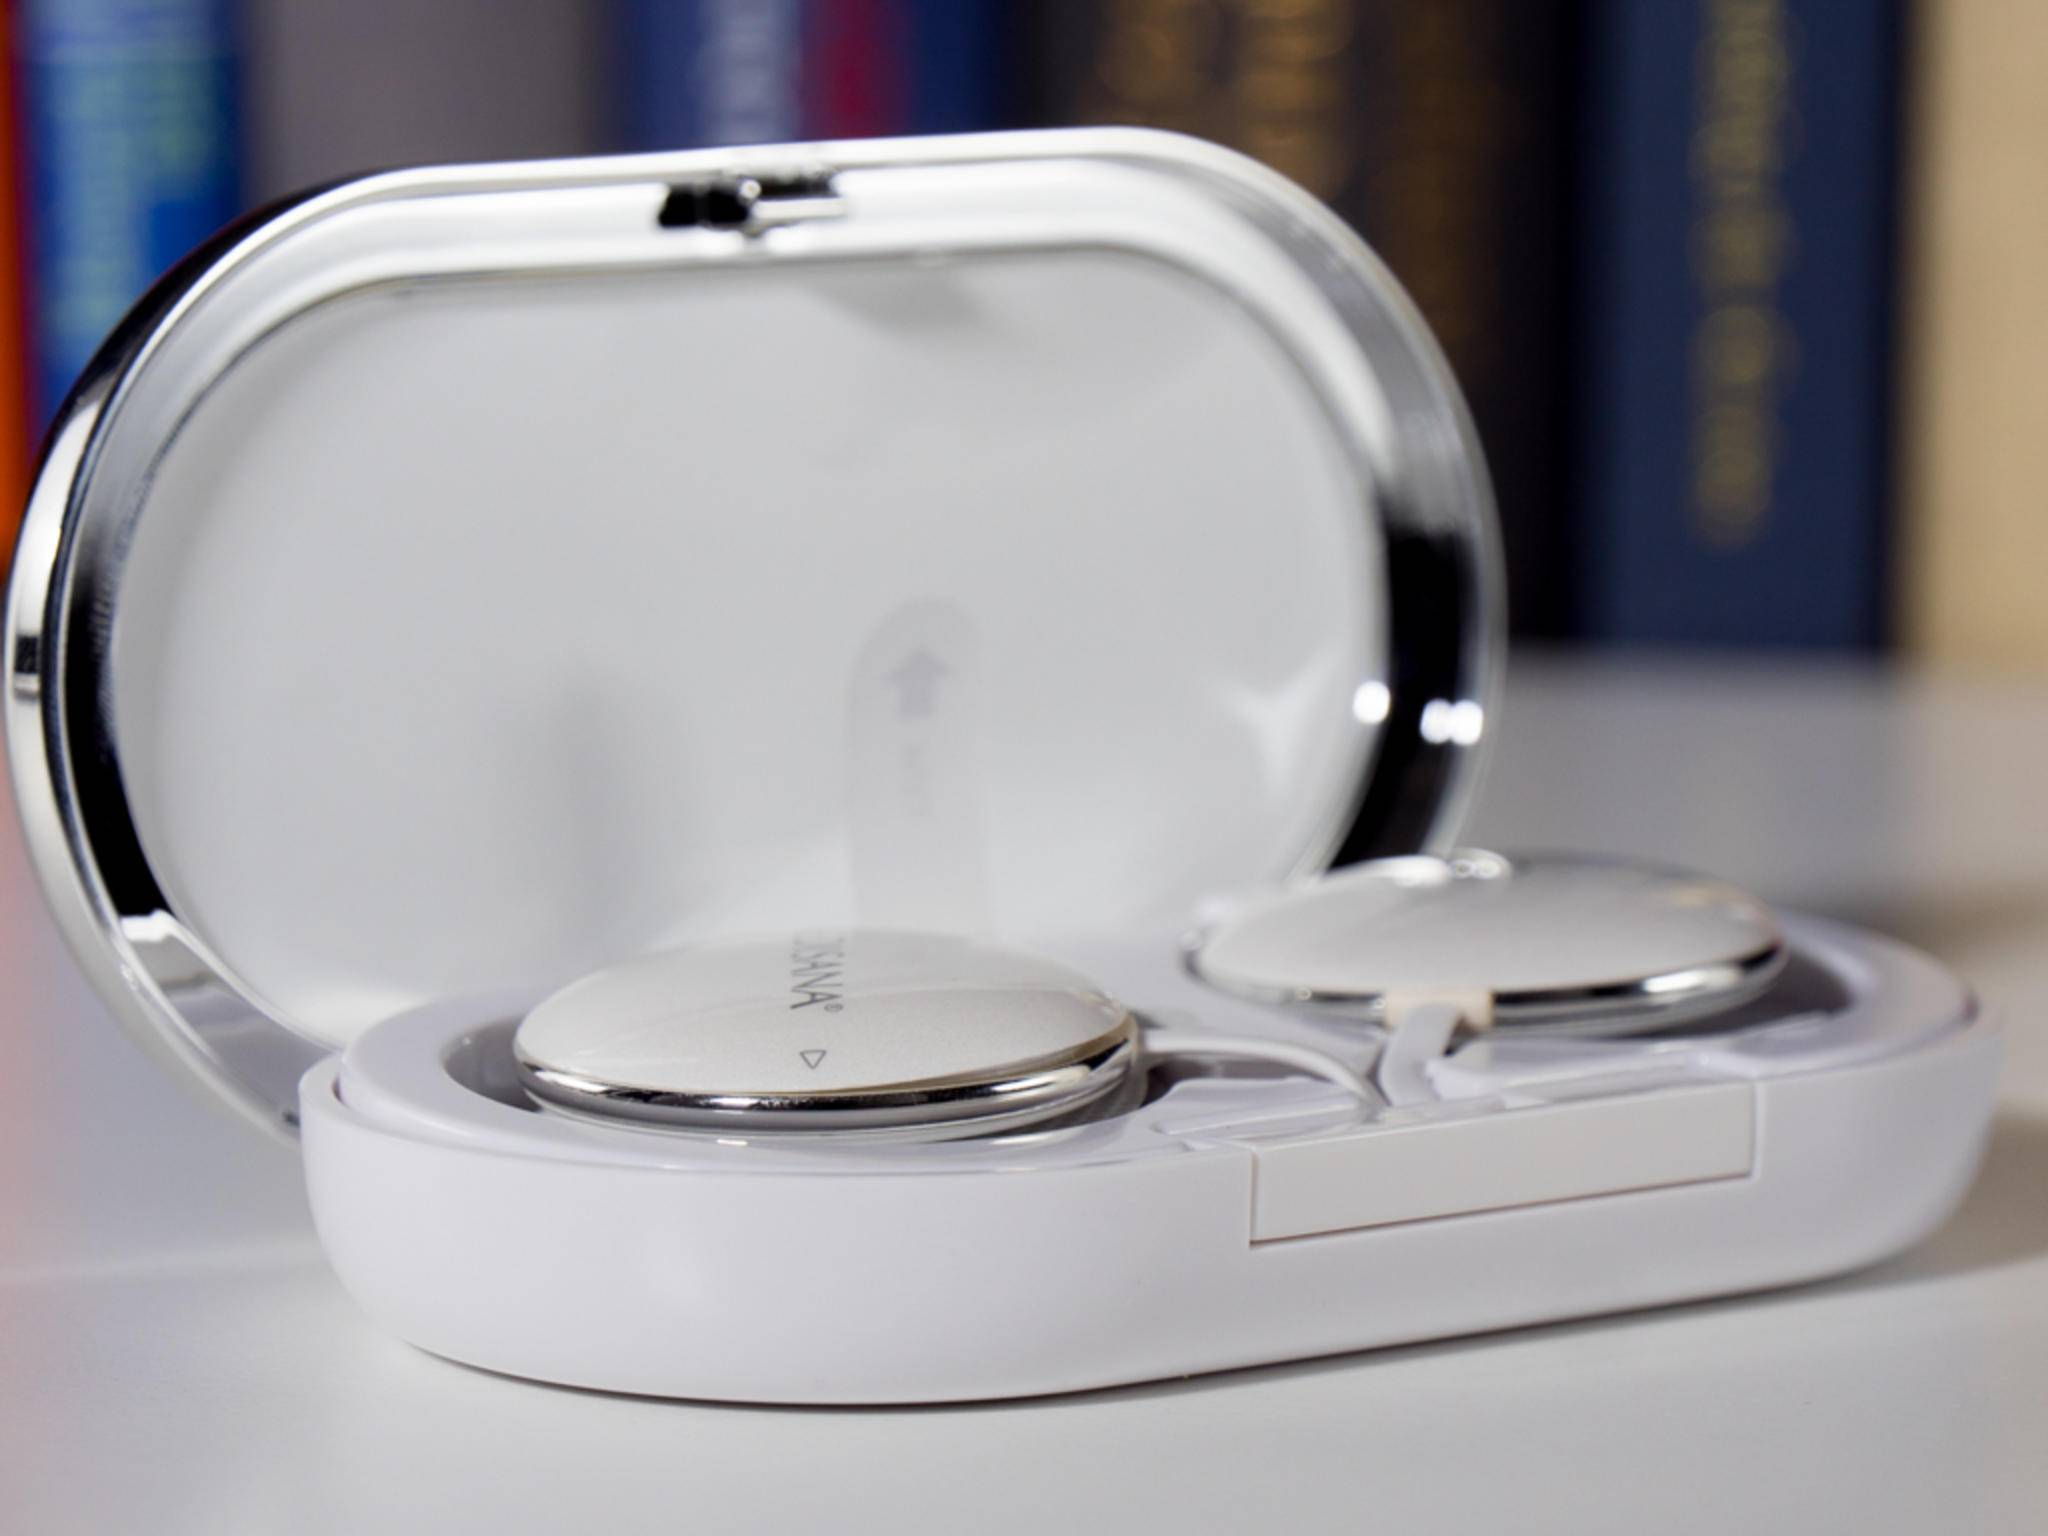 Der Bodytoner wird per Bluetooth mit dem Smartphone verbunden.